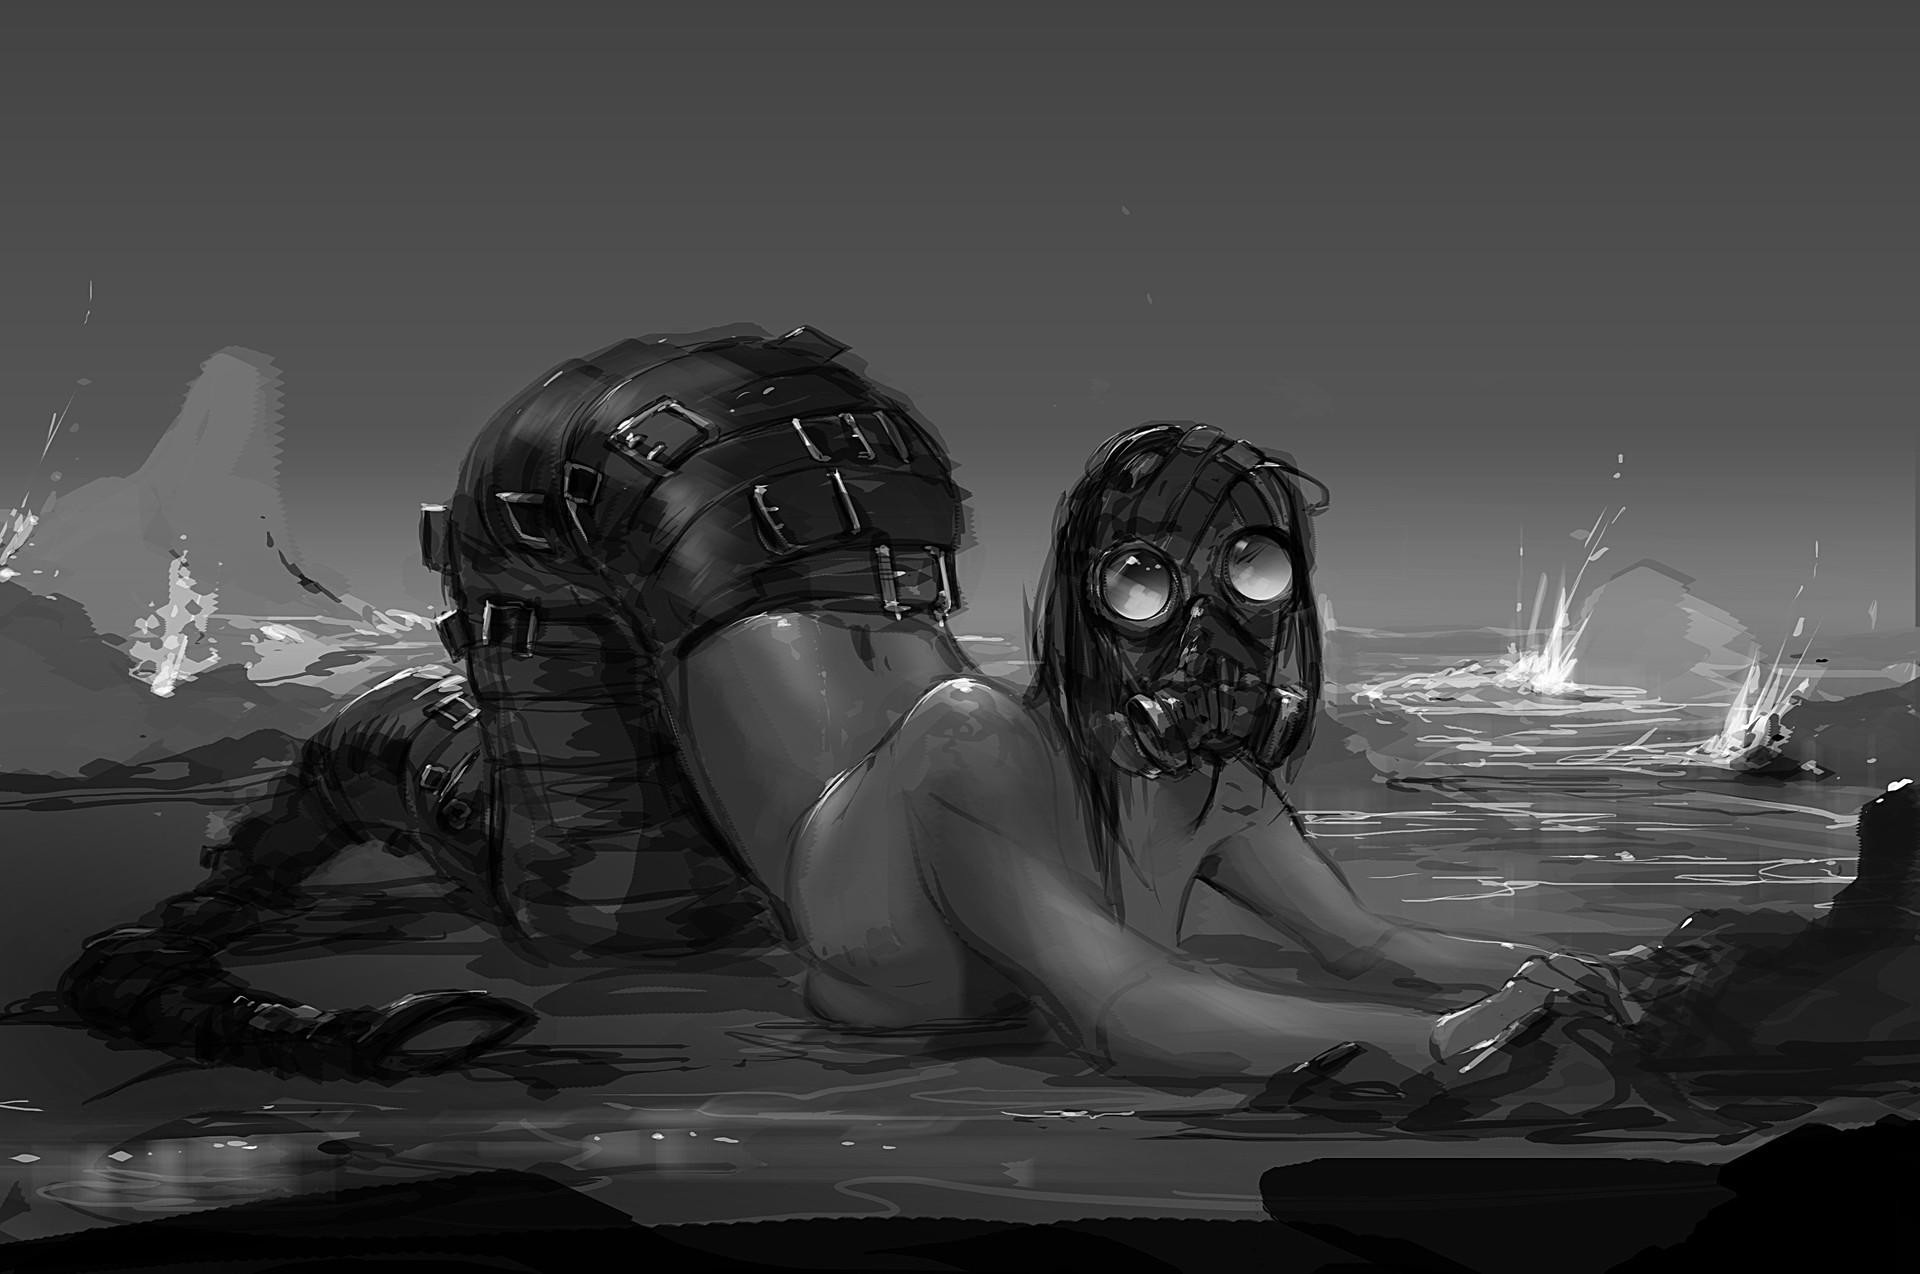 Fragoulis garoufalis mermaid 001